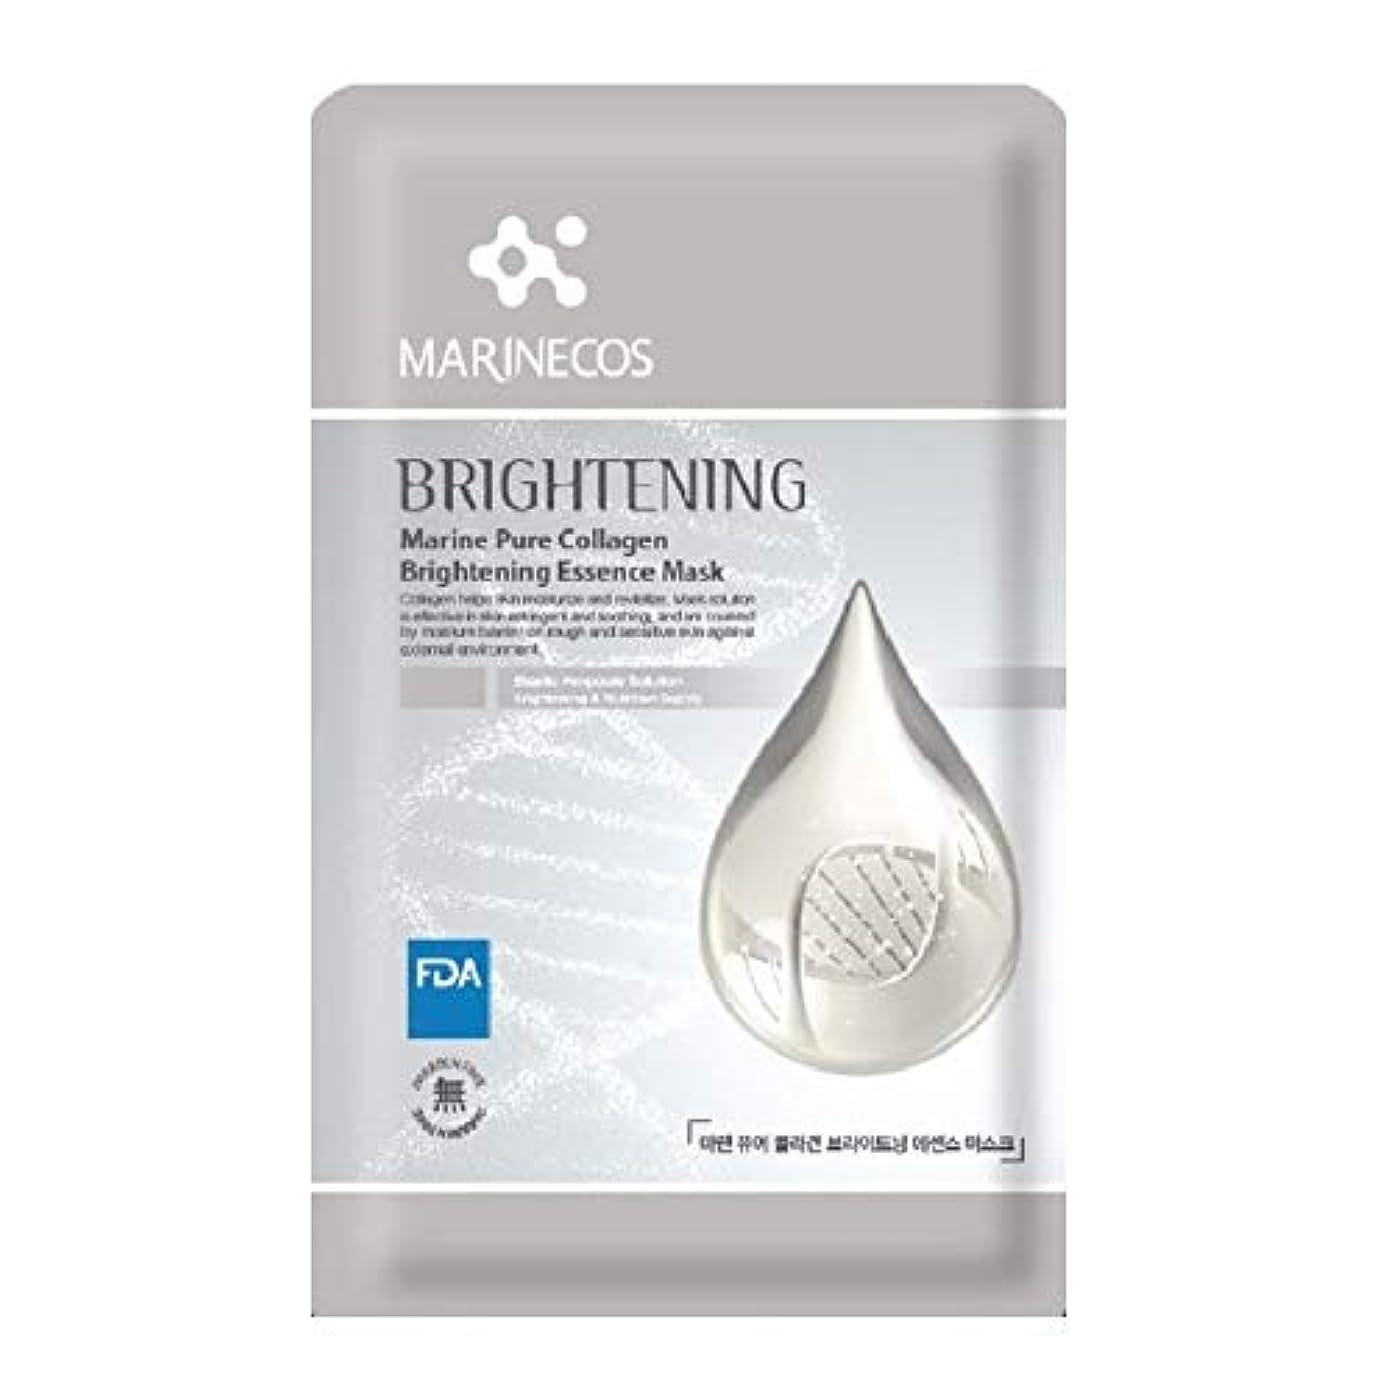 香り風刺信じられないKorea, Beauty, Marine Pure Collagen Brightening Essence Mask 10 Sheets 1 Case 韓国ネーチャー コスメ ビューティー 韓国マスクシート